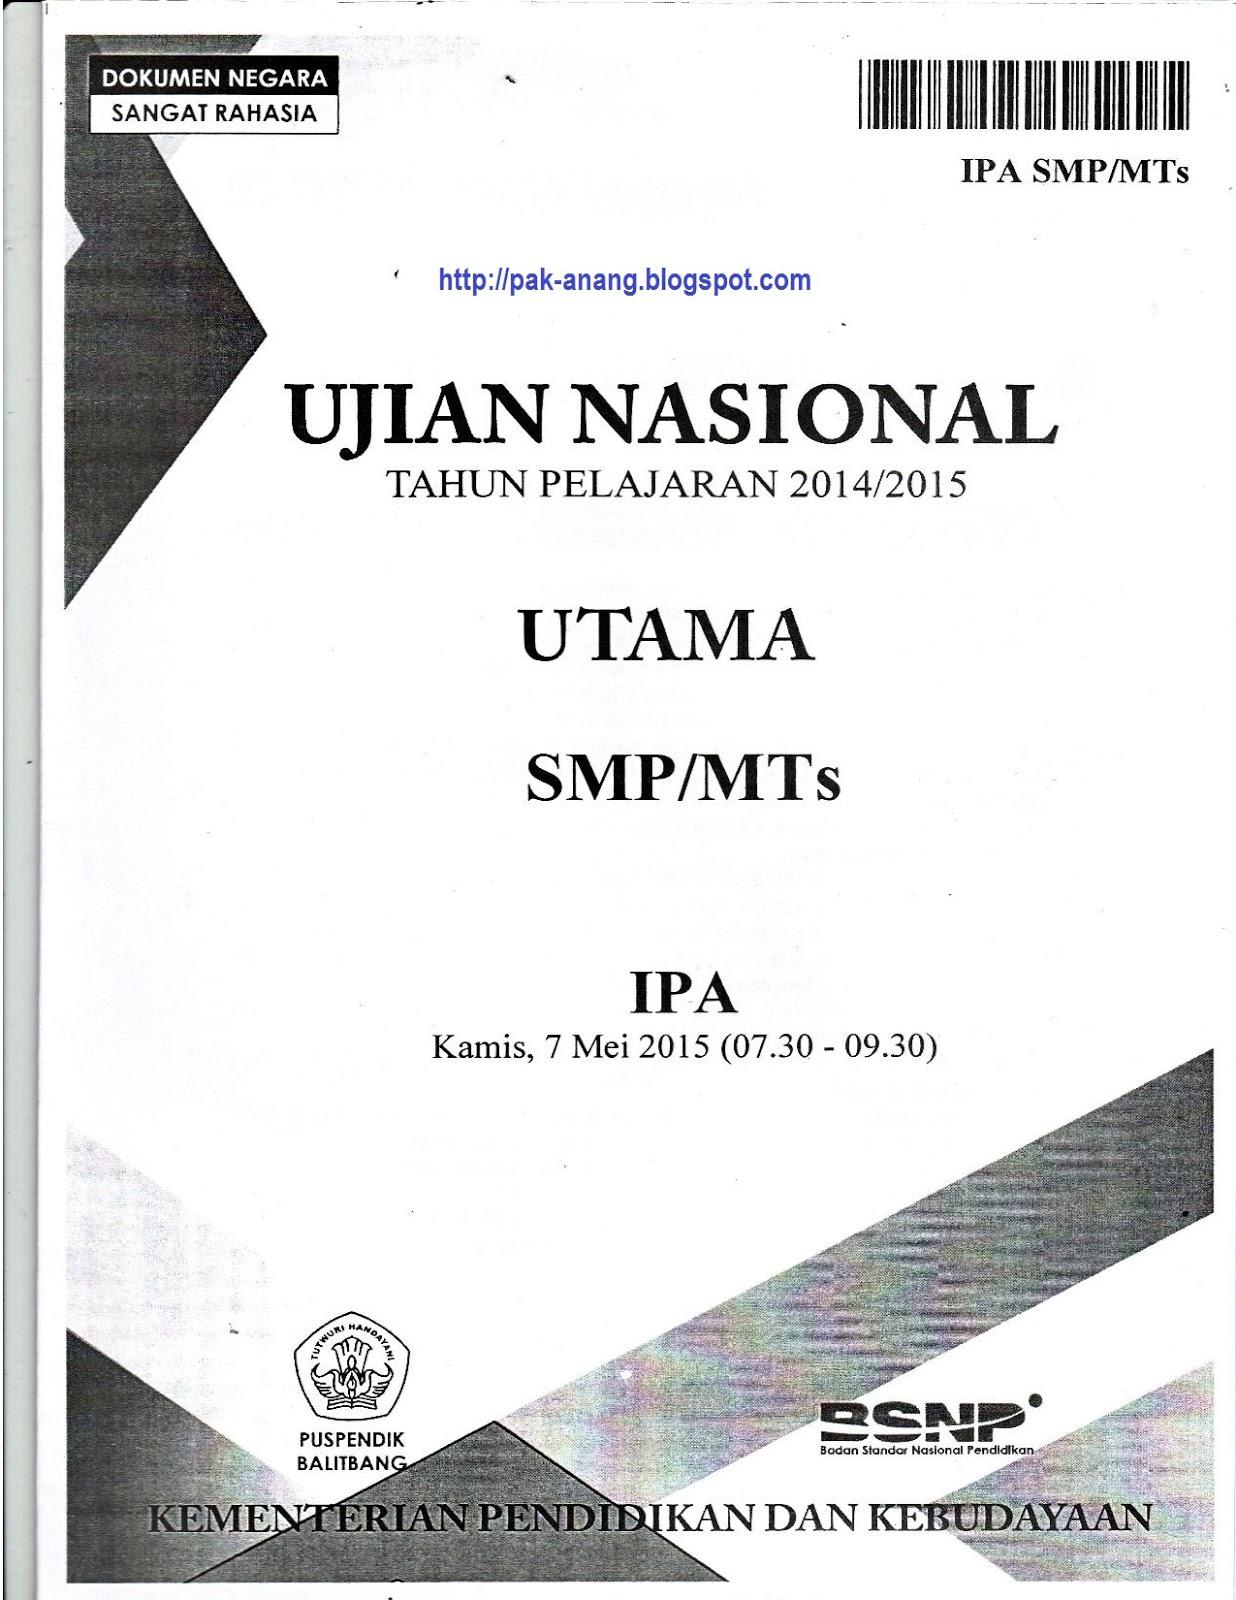 Soal Online Latihan UN (Ujian Nasional) IPA SMP 2016